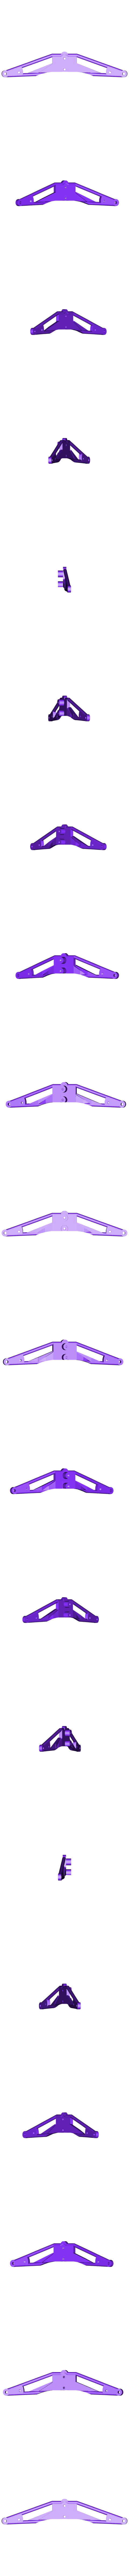 upper suspension arms.stl Télécharger fichier STL gratuit 1991 Mazda 787B 3d Voiture RC imprimée de 1991 • Objet à imprimer en 3D, brett